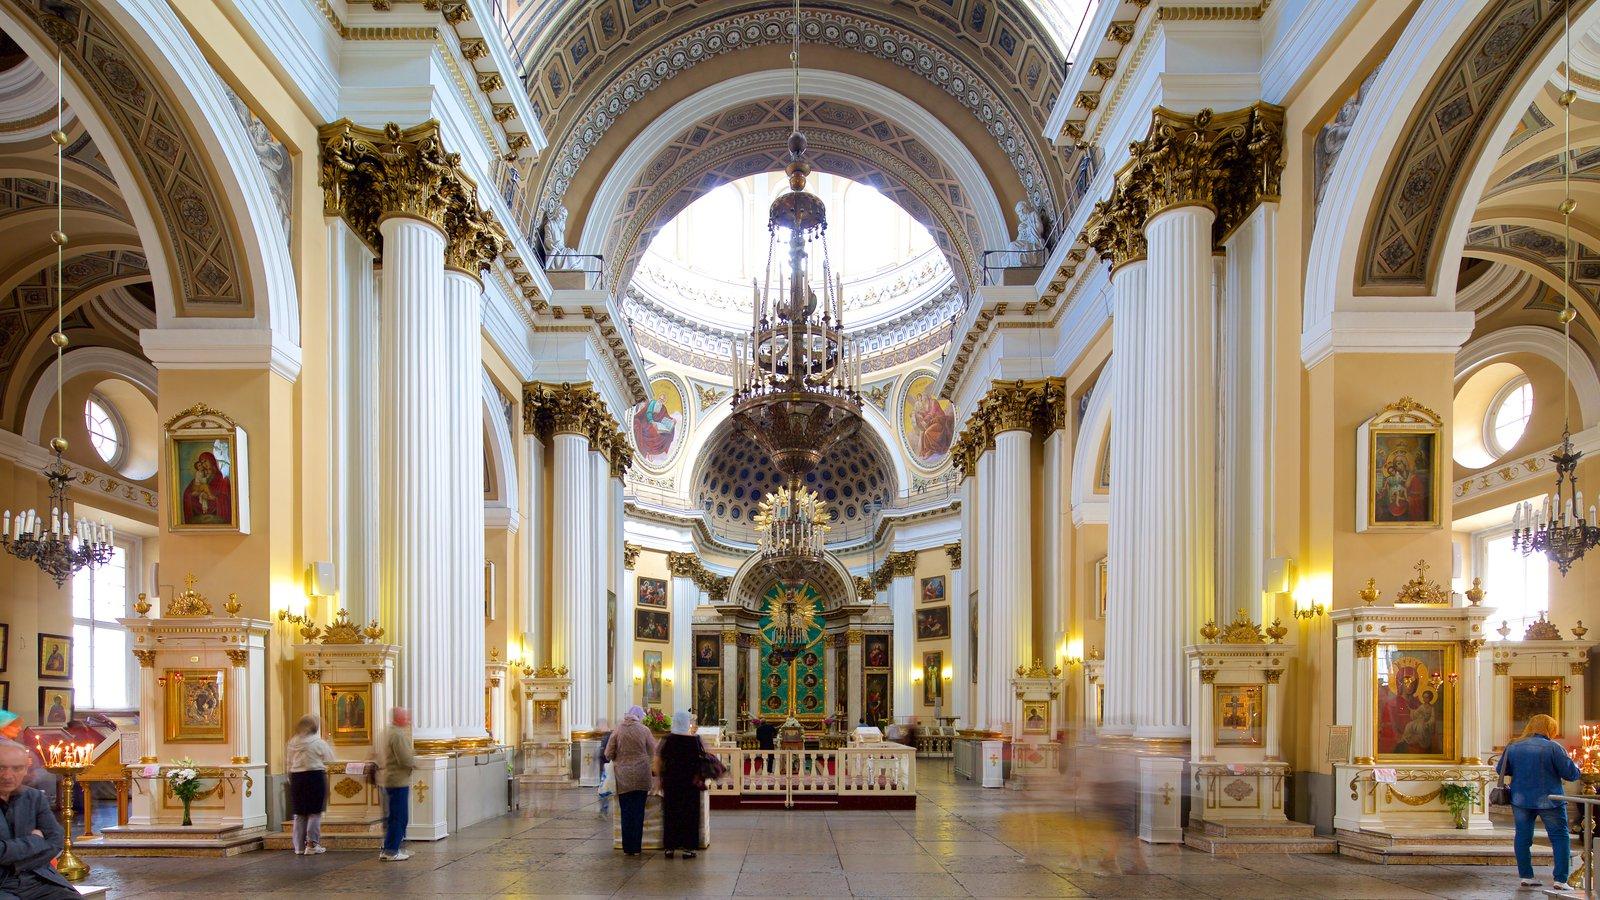 Alexander Nevsky Lavra mostrando vistas internas e arquitetura de patrimônio